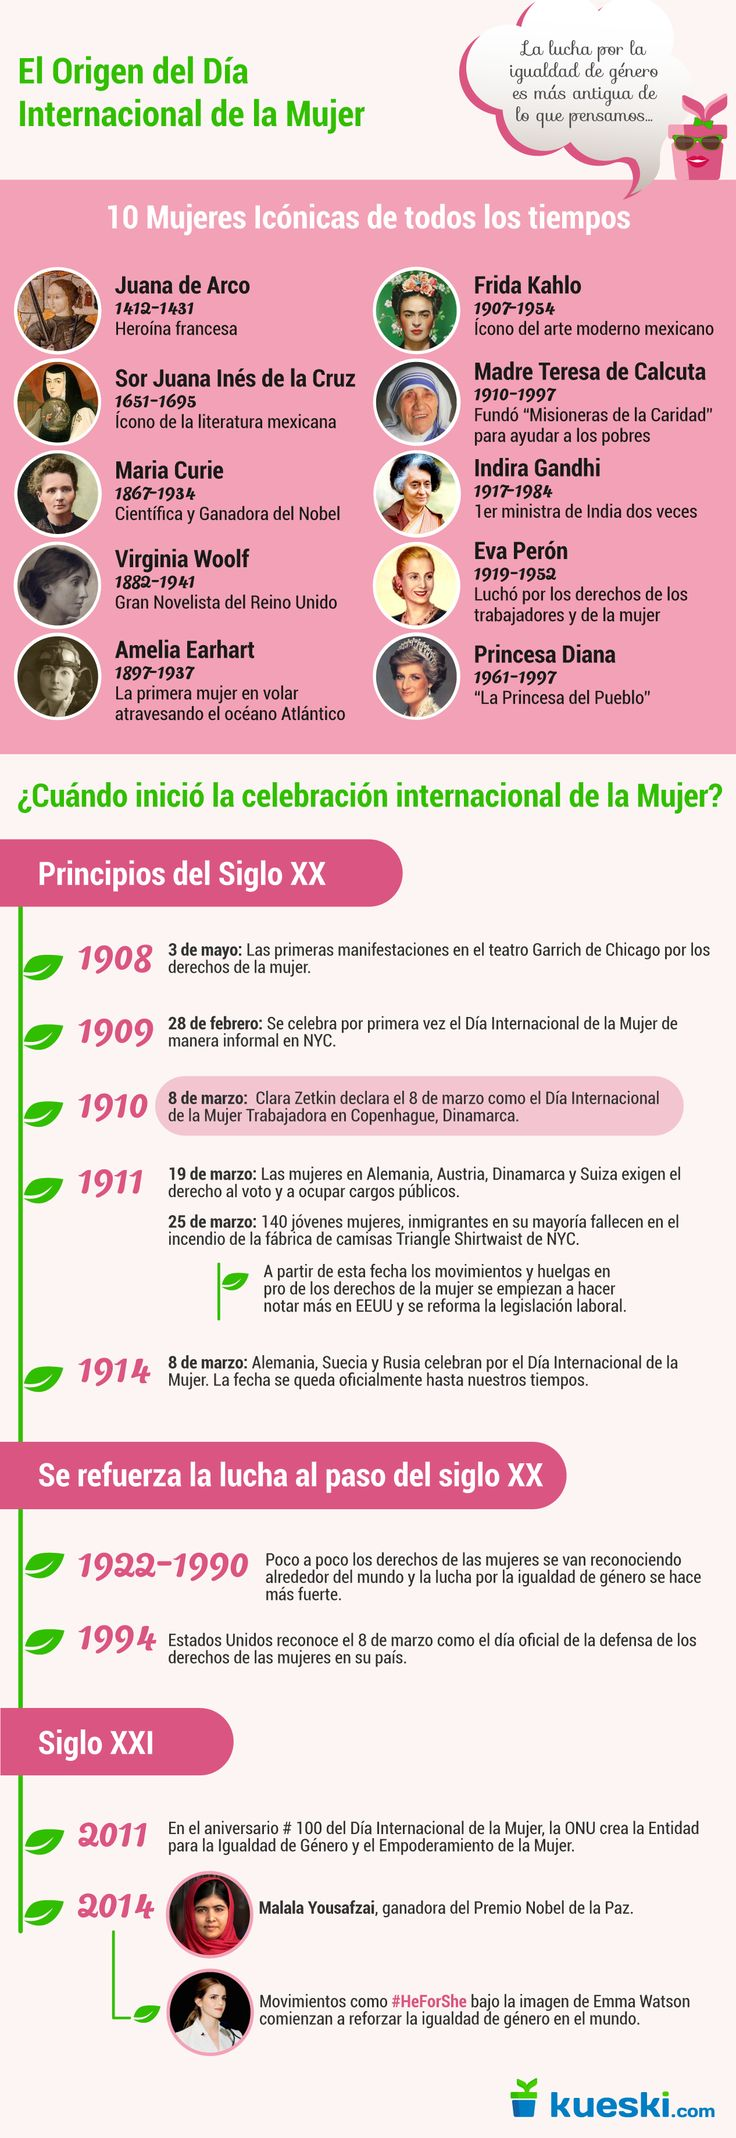 Día Internacional de la #Mujer. Conoce aquí el origen de este día:   http://blog.kueski.com/temporada/dia-internacional-de-la-mujer-infographic/